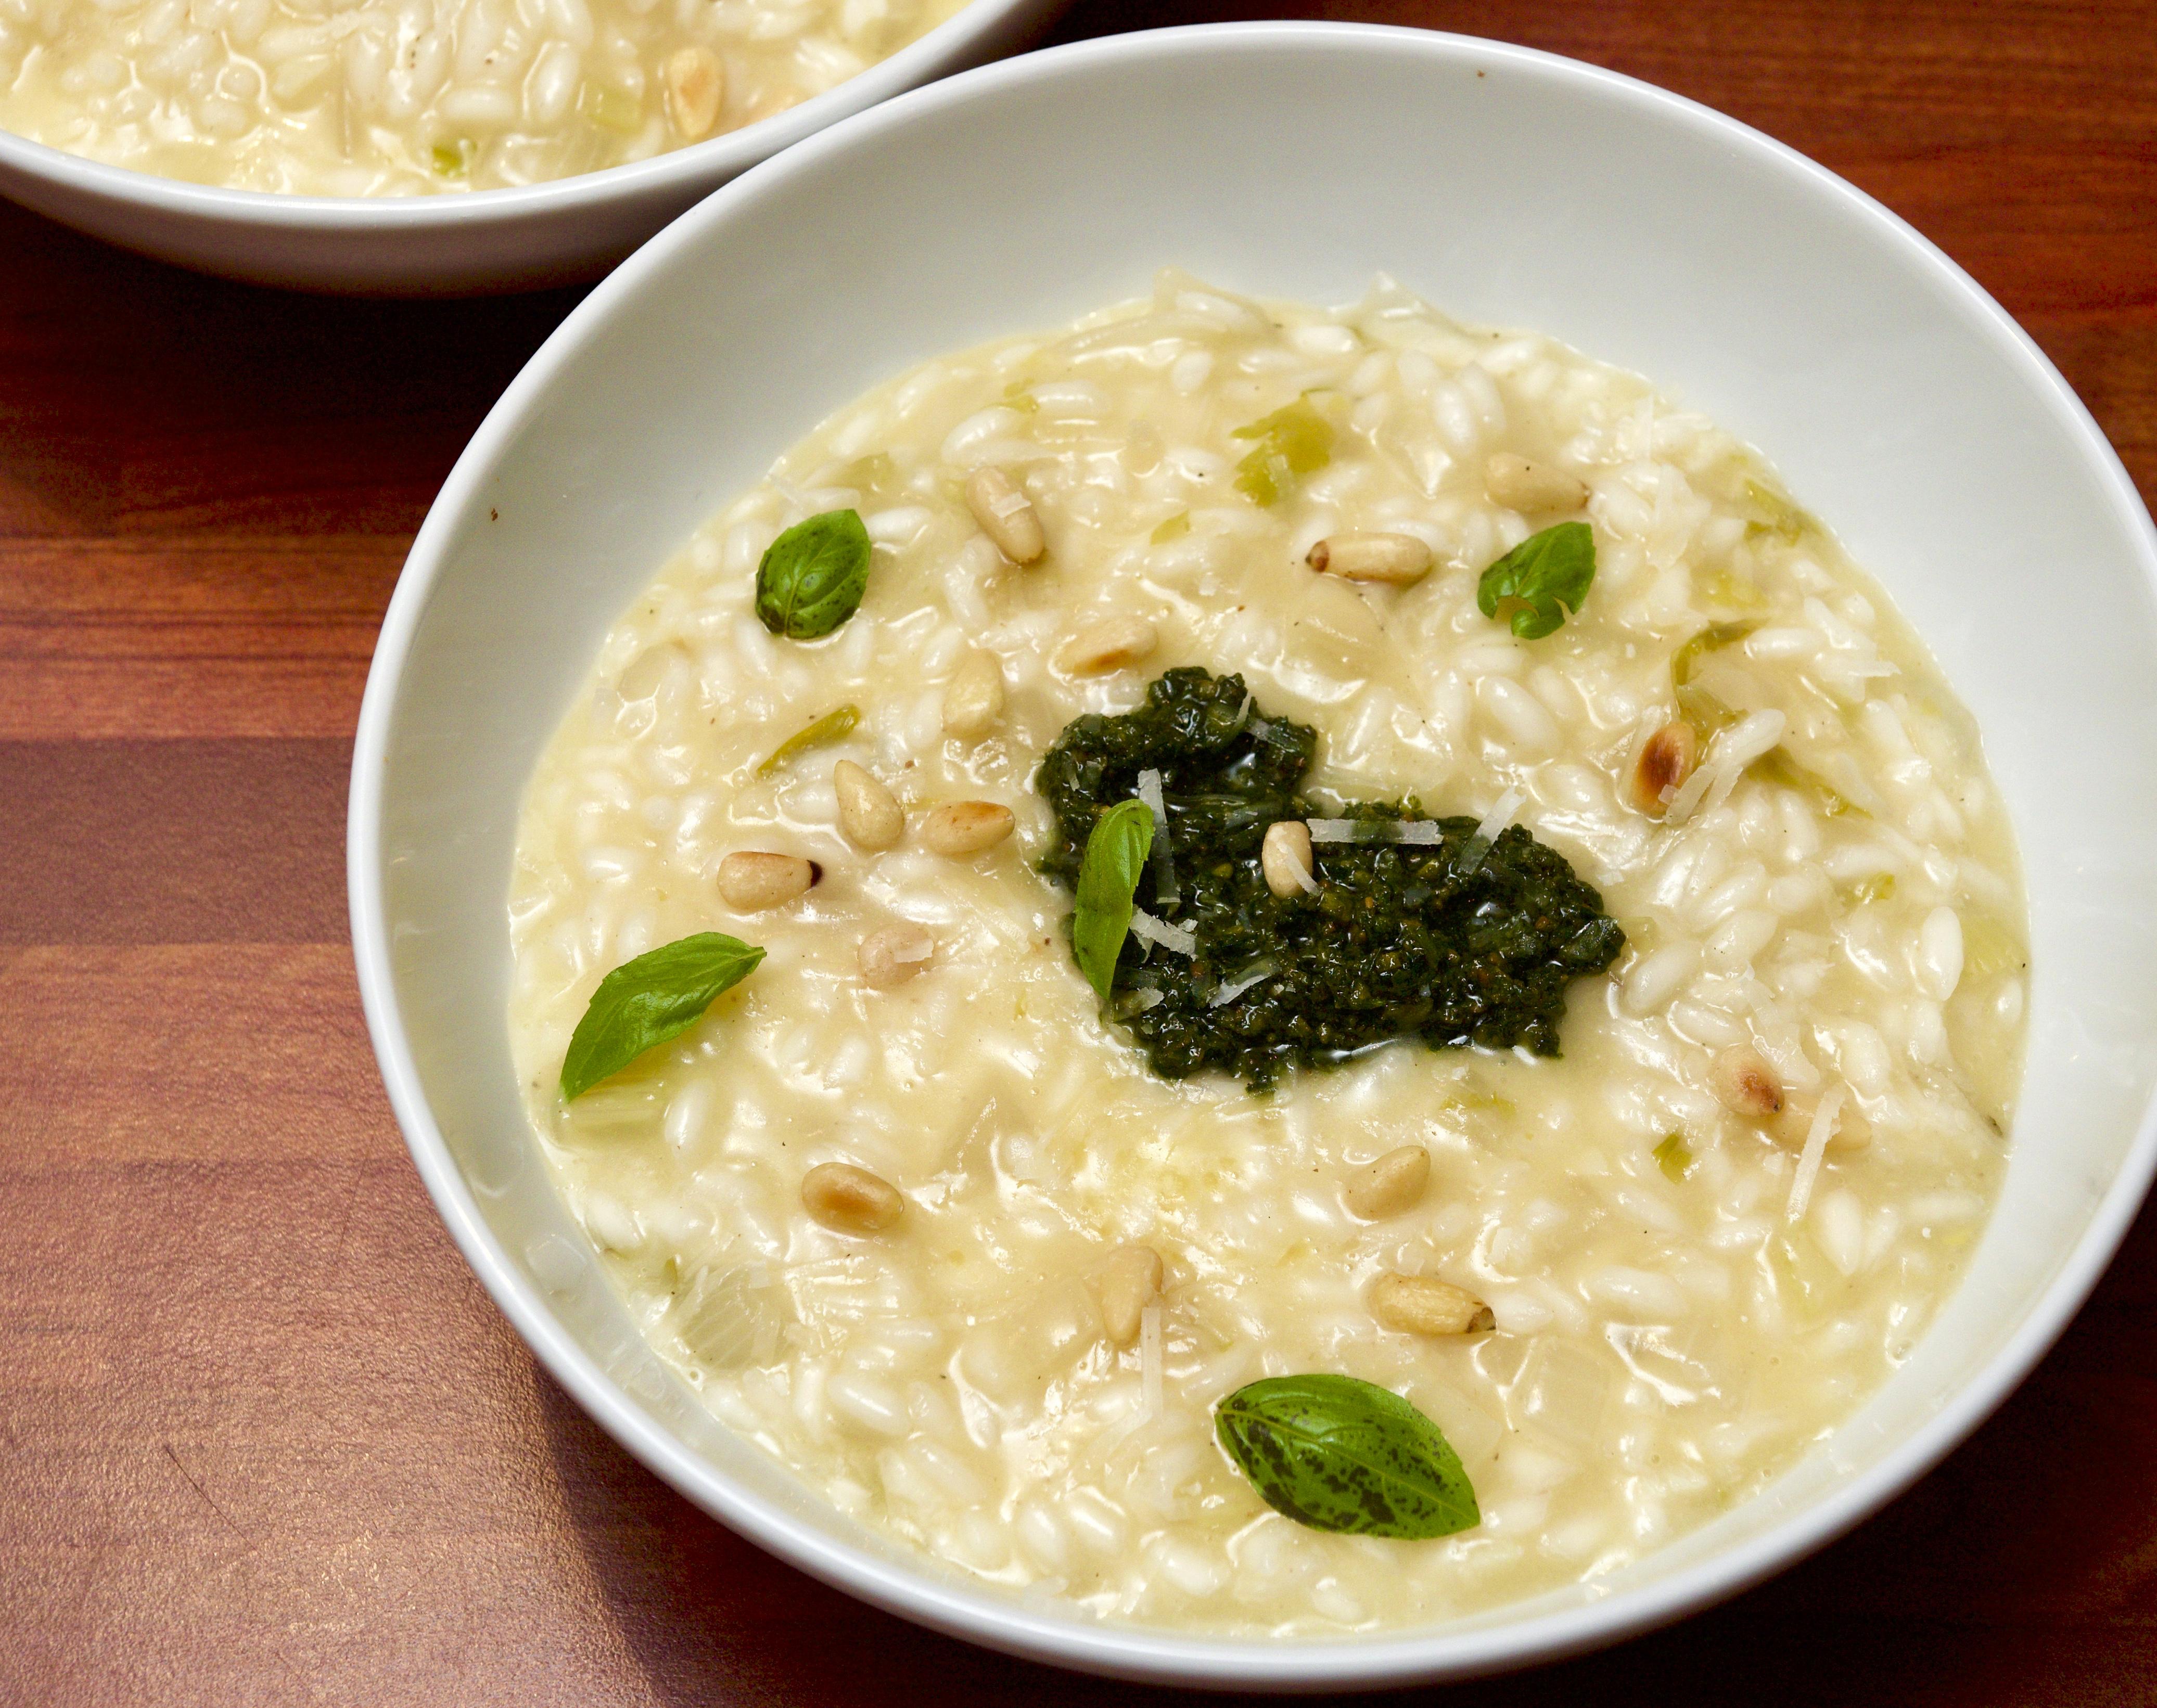 Risotto bianco with pesto